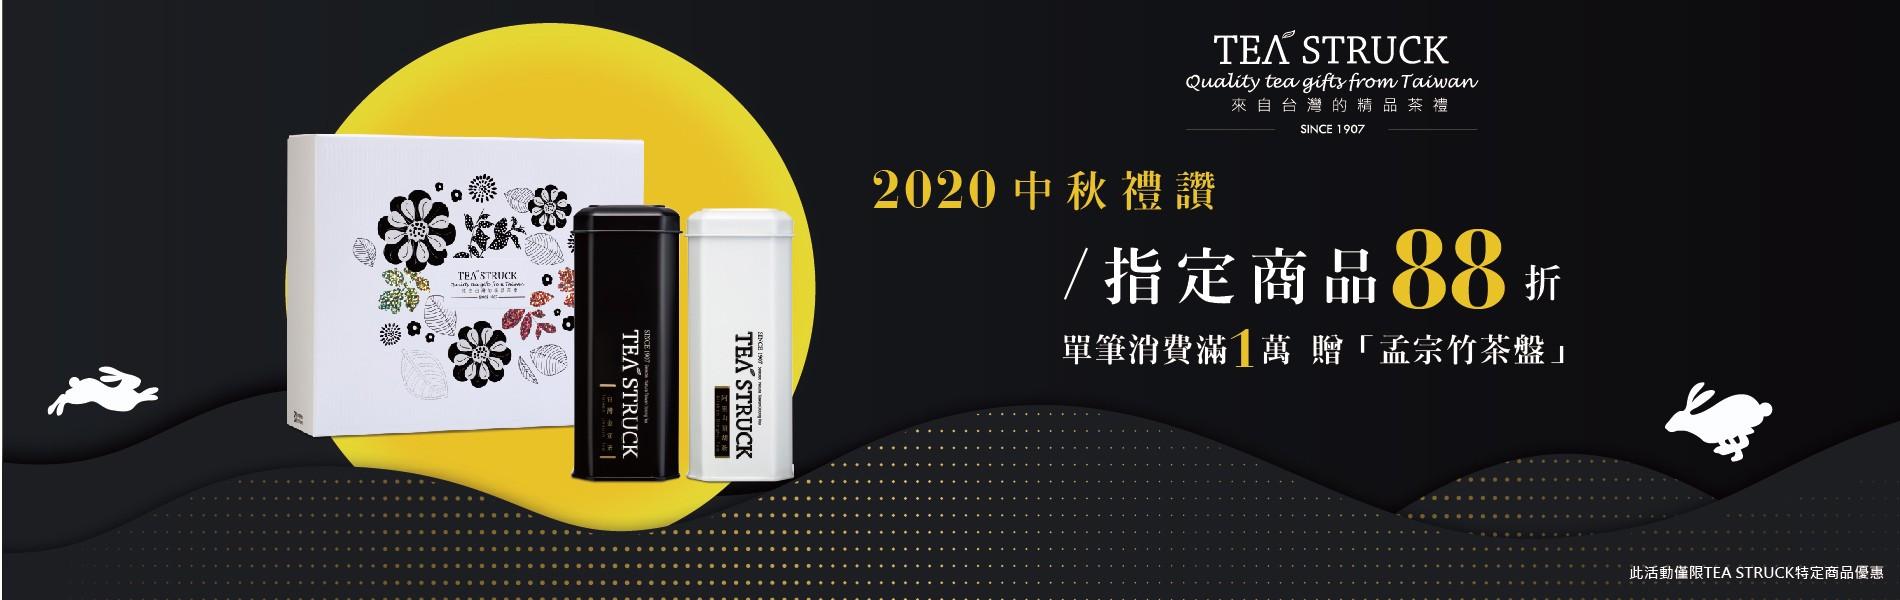 2020TS中秋